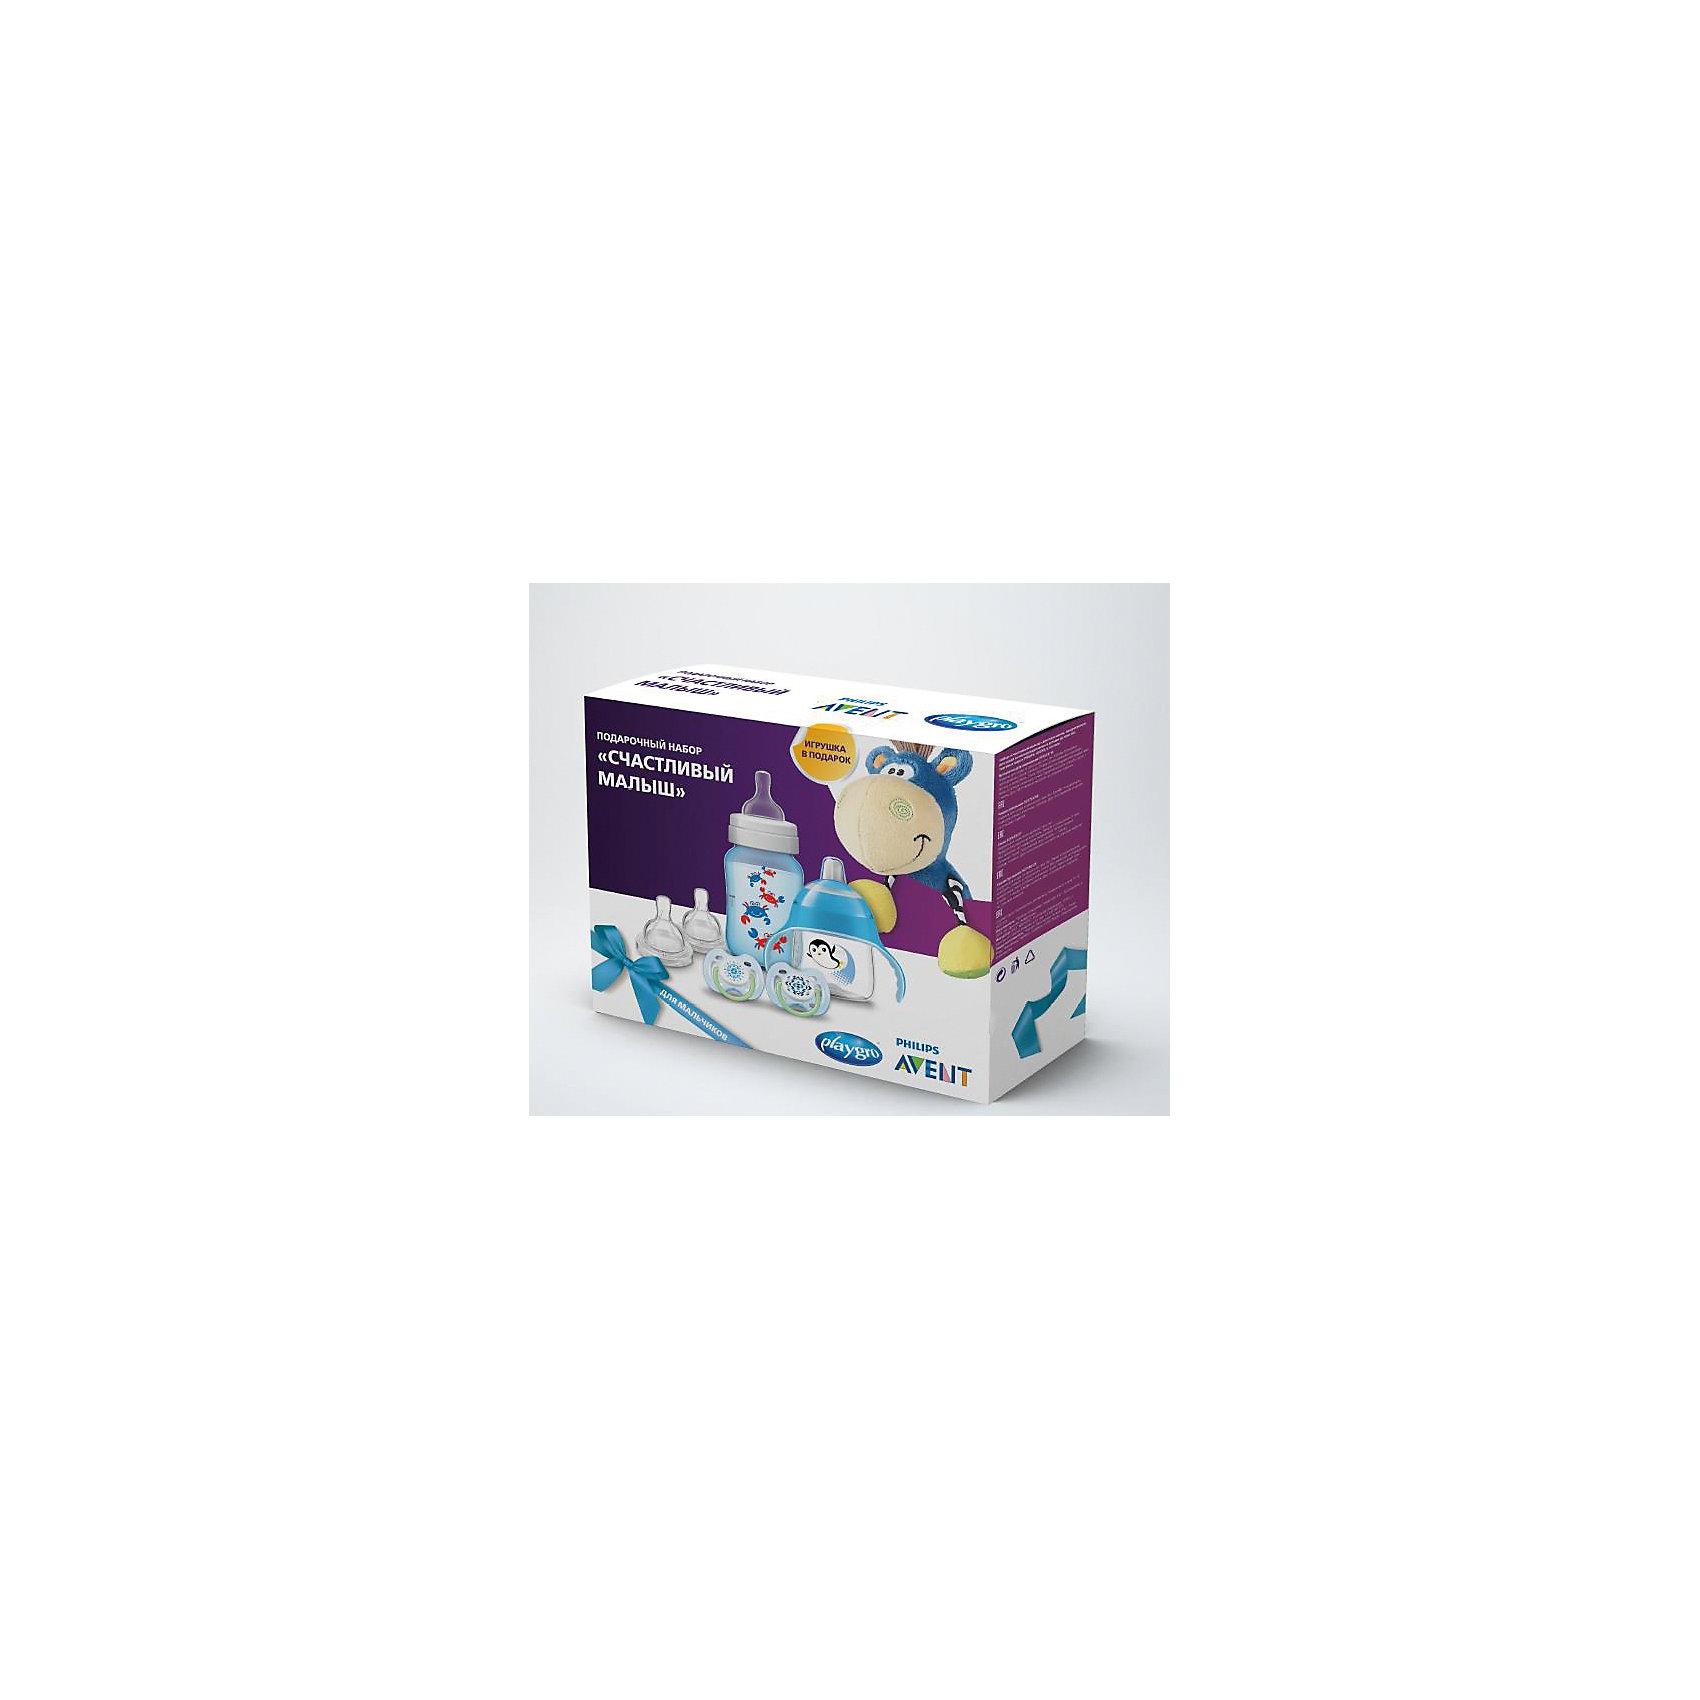 Набор «Счастливый малыш» для мальчиков,  Philips Avent, голубойПоильники<br>Набор «Счастливый малыш» для мальчиков, Philips Avent (Филипс Авент), голубой<br><br>Характеристики:<br><br>• в комплекте: бутылочка Classic+ (от 1 месяца), 2 силиконовые соски Classic+ (от 3х месяцев), 2 силиконовые пустышки (от 0 до 6 месяцев), поильник Пингвин (от 6 месяцев), подвесная игрушка Ослик<br>• объем бутылочки: 260 мл<br>• объем поильника: 200 мл<br>• антиколиковая соска<br>• специальная форма пустышки удобна в любом положении<br>• вентиляционные отверстия по краям соски<br>• поильник оснащен клапаном, предотвращающим проливание жидкости<br>• нескользящие ручки<br>• размер упаковки: 24х9,2х30 см<br>• вес: 610 грамм<br><br>Набор Счастливый малыш позаботится о комфорте ребенка, действительно делая кроху счастливым. В набор входят 2 силиконовые соски, 2 силиконовые пустышки, бутылочка, поильник и игрушка. Бутылочка из серии Classic+ подходит для детей от одного месяца. Она имеет антиколиковую соску, которая предотвращает заглатывание лишнего воздуха и беспокойство из-за коликов. <br><br>Силиконовые соски из серии Classic+ предназначены для детей от 3-х месяцев. Соски помогут малышу самостоятельно контролировать поток молока. Специальный клапан предотвращает заглатывание воздуха, срыгивание и возникновение коликов.<br><br>Соски-пустышки подойдут для детей с рождения до шести месяцев. Специальное строение пустышки поможет ребенку чувствовать себя комфортно даже при перевороте соски во рту. Боковые вентиляционные отверстия снижают риск возникновения раздражения на чувствительной коже крохи.<br><br>С помощью поильника вы сможете с легкостью приучить ребенка к использованию чашки. Клапан поильника предотвращает протекание жидкости. А нескользящие ручки помогут малышу быстро приспособиться к новой посуде.<br><br>Забавный Ослик станет лучшим другом малыша в первые месяцы жизни. Ослик издает очень приятные звуки, а также способствует развитию мелкой моторики, зрительных и тактильных ощущен